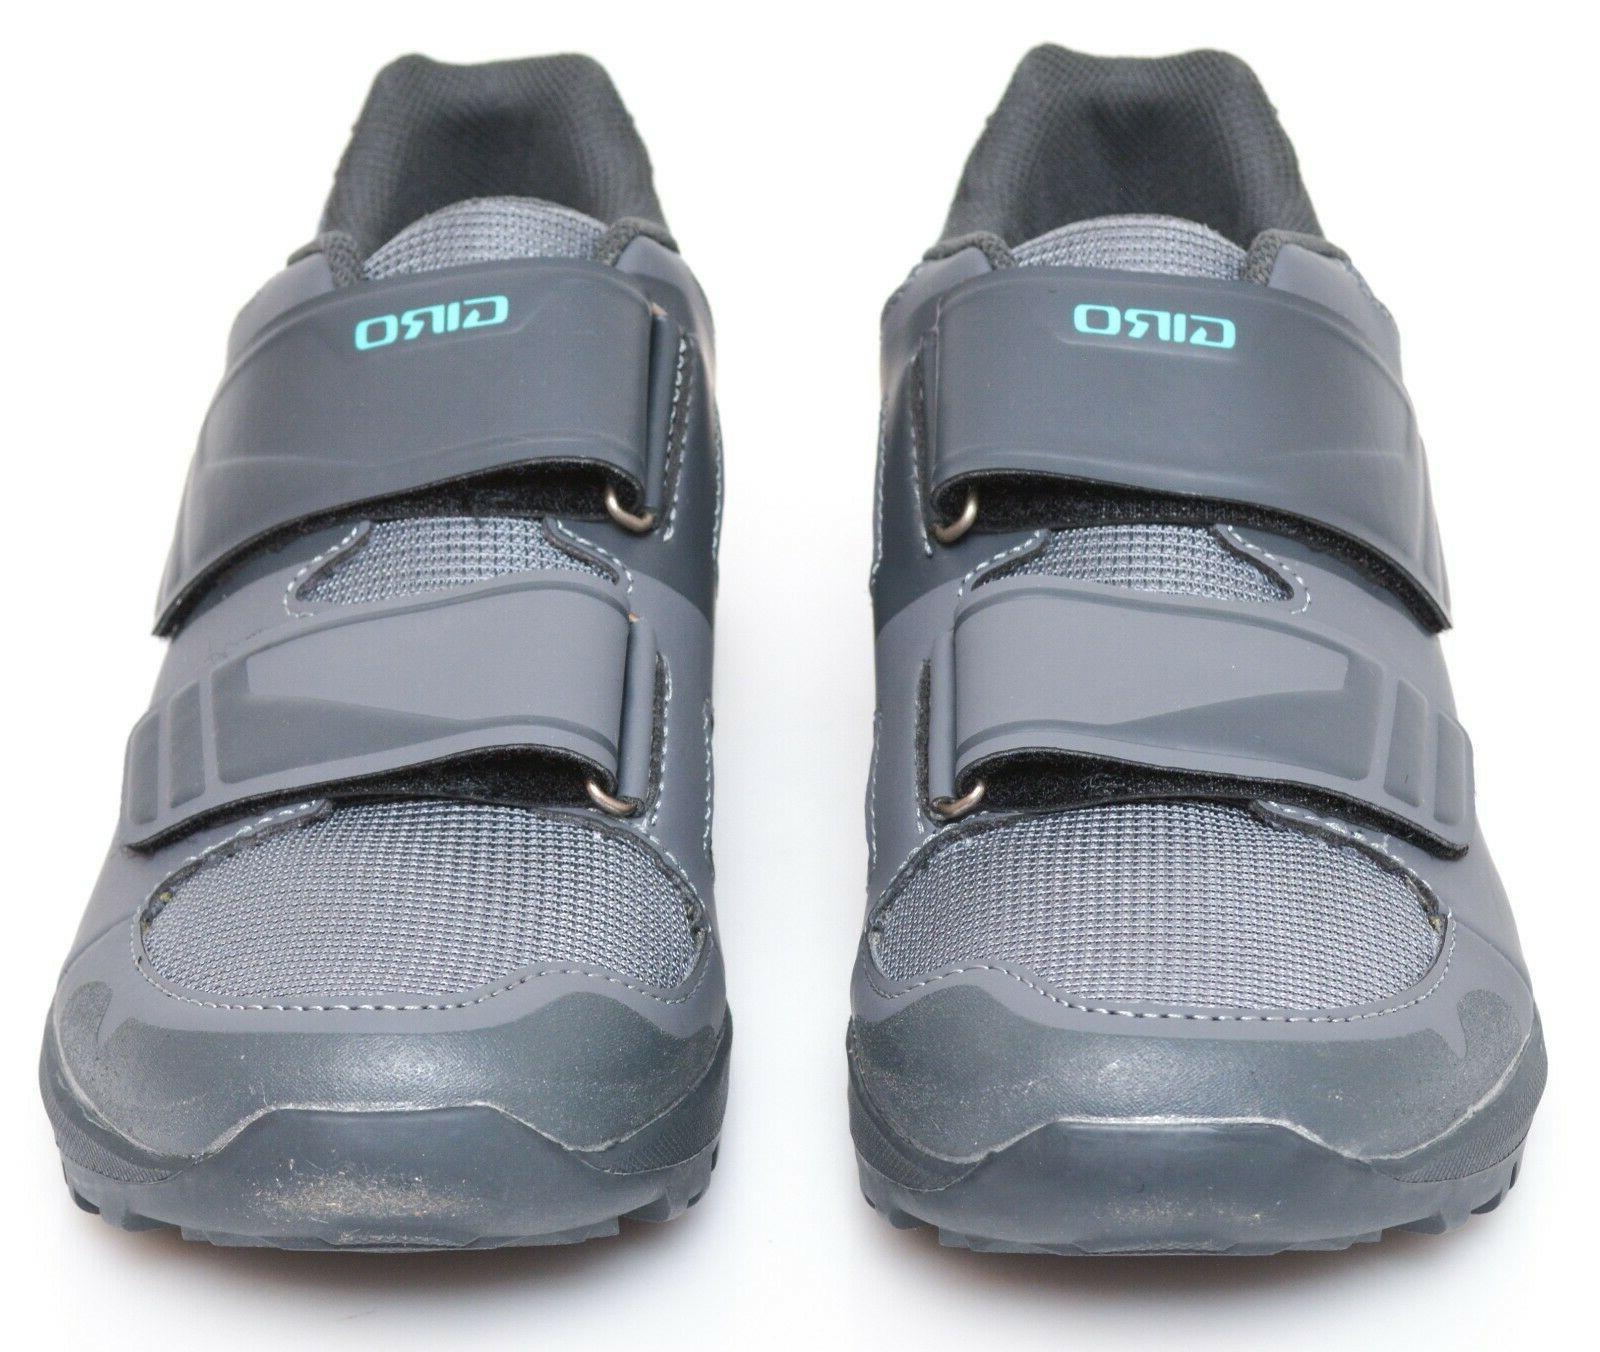 Giro Women Bike Shoes EU 39 US Grey 2 Bolt Trail MTB